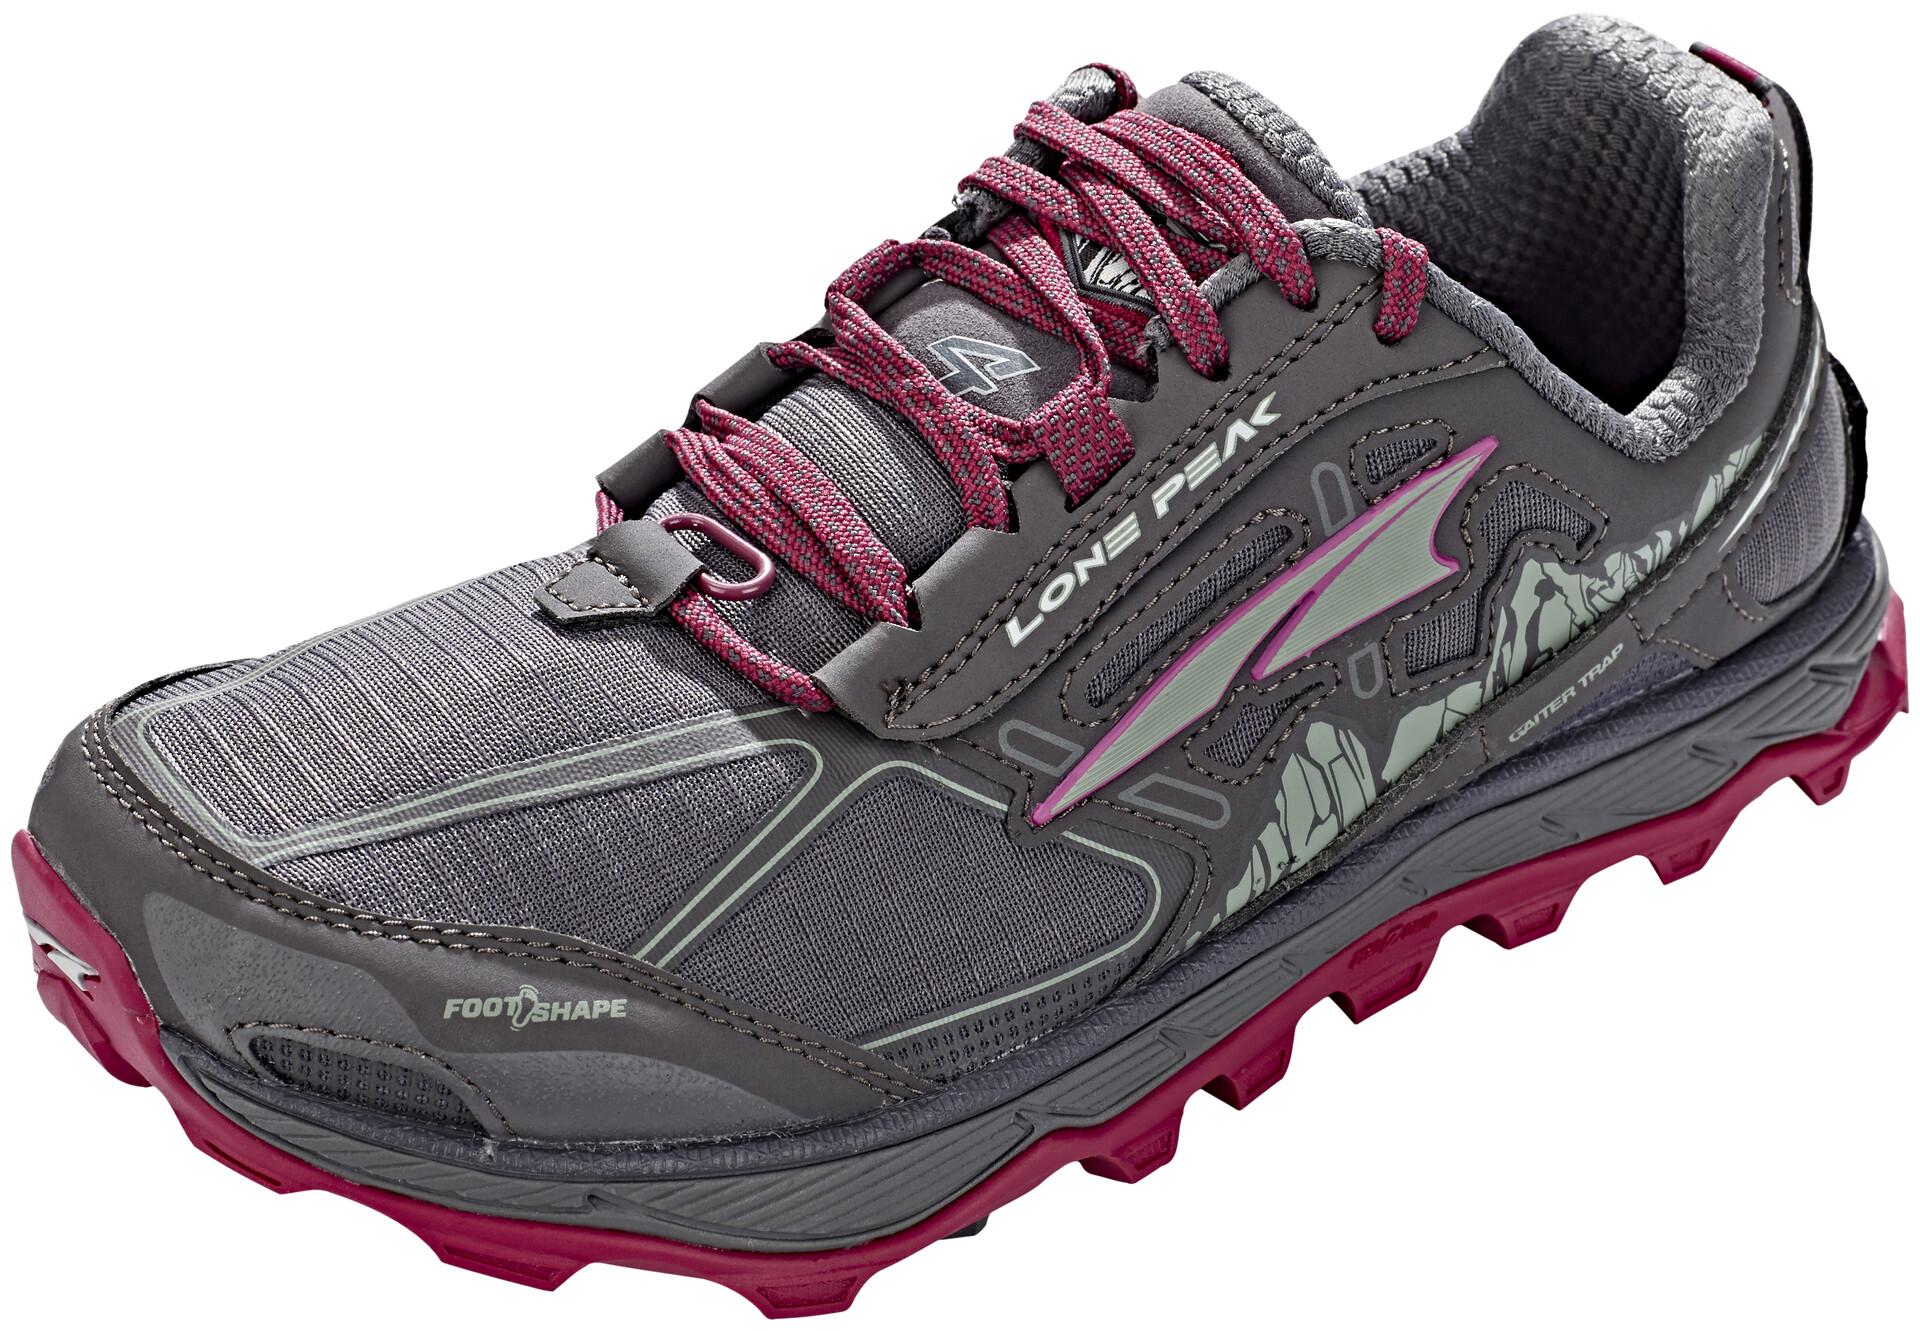 Running Psvzmuq Chaussures Femmeraspberry 4 Lone Campz Altra Peak Sur N8w0Ovmn